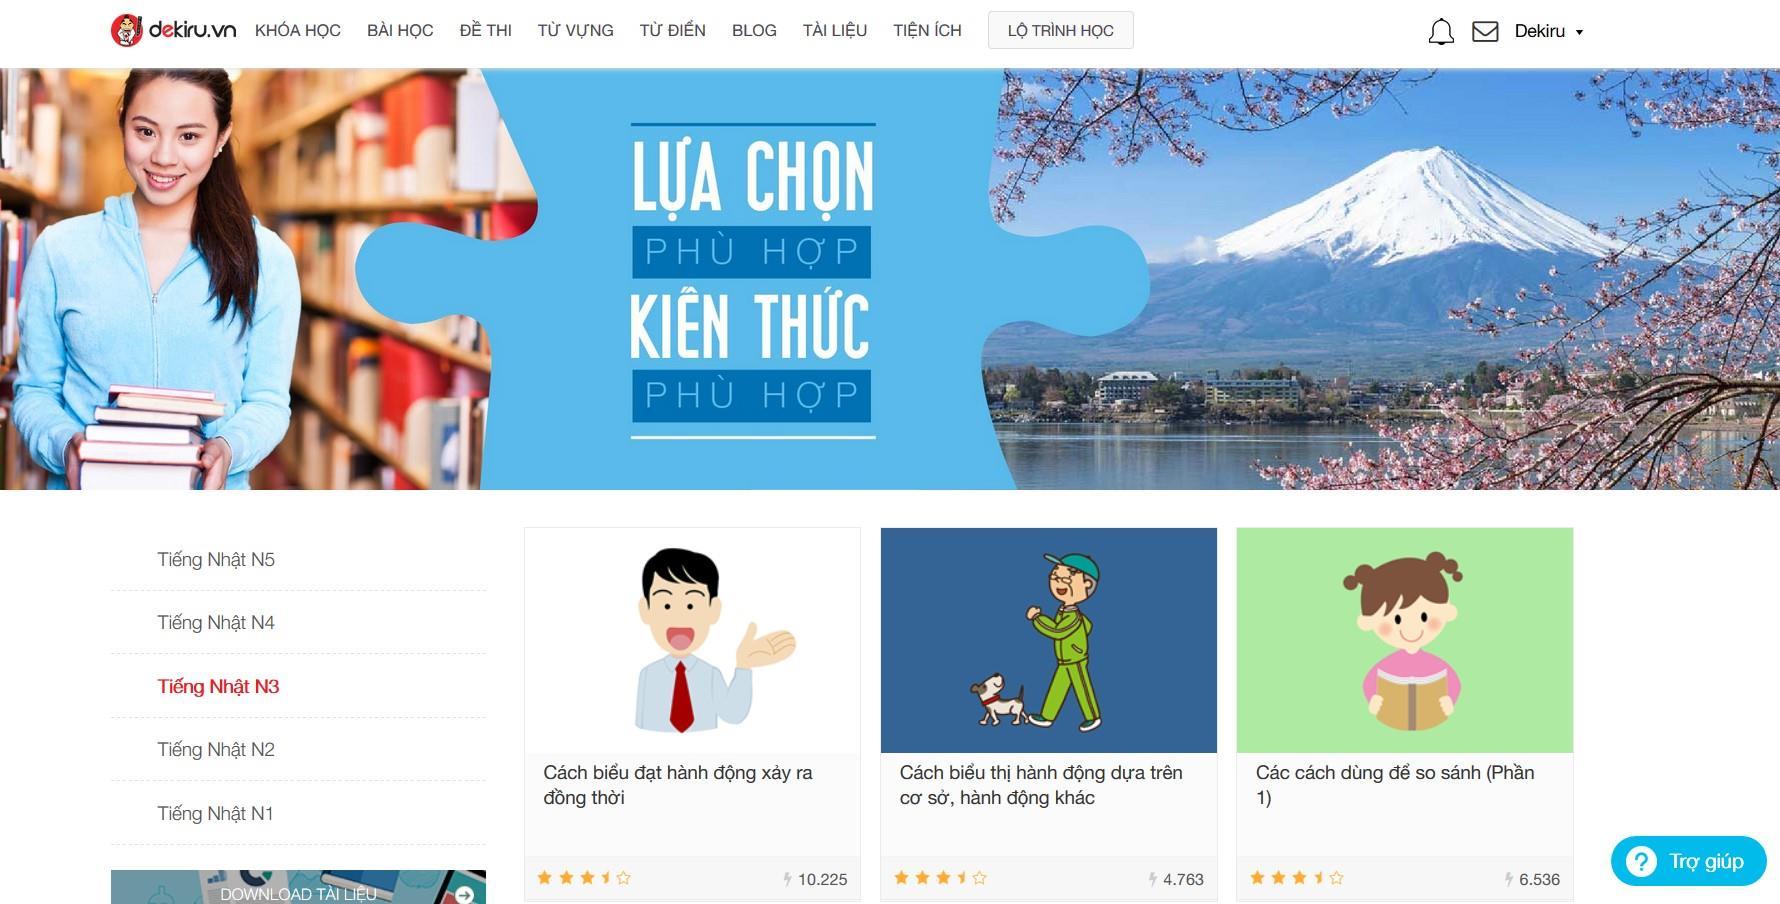 Website học tiếng Nhật trực tuyến Dekiru.vn - ảnh 1